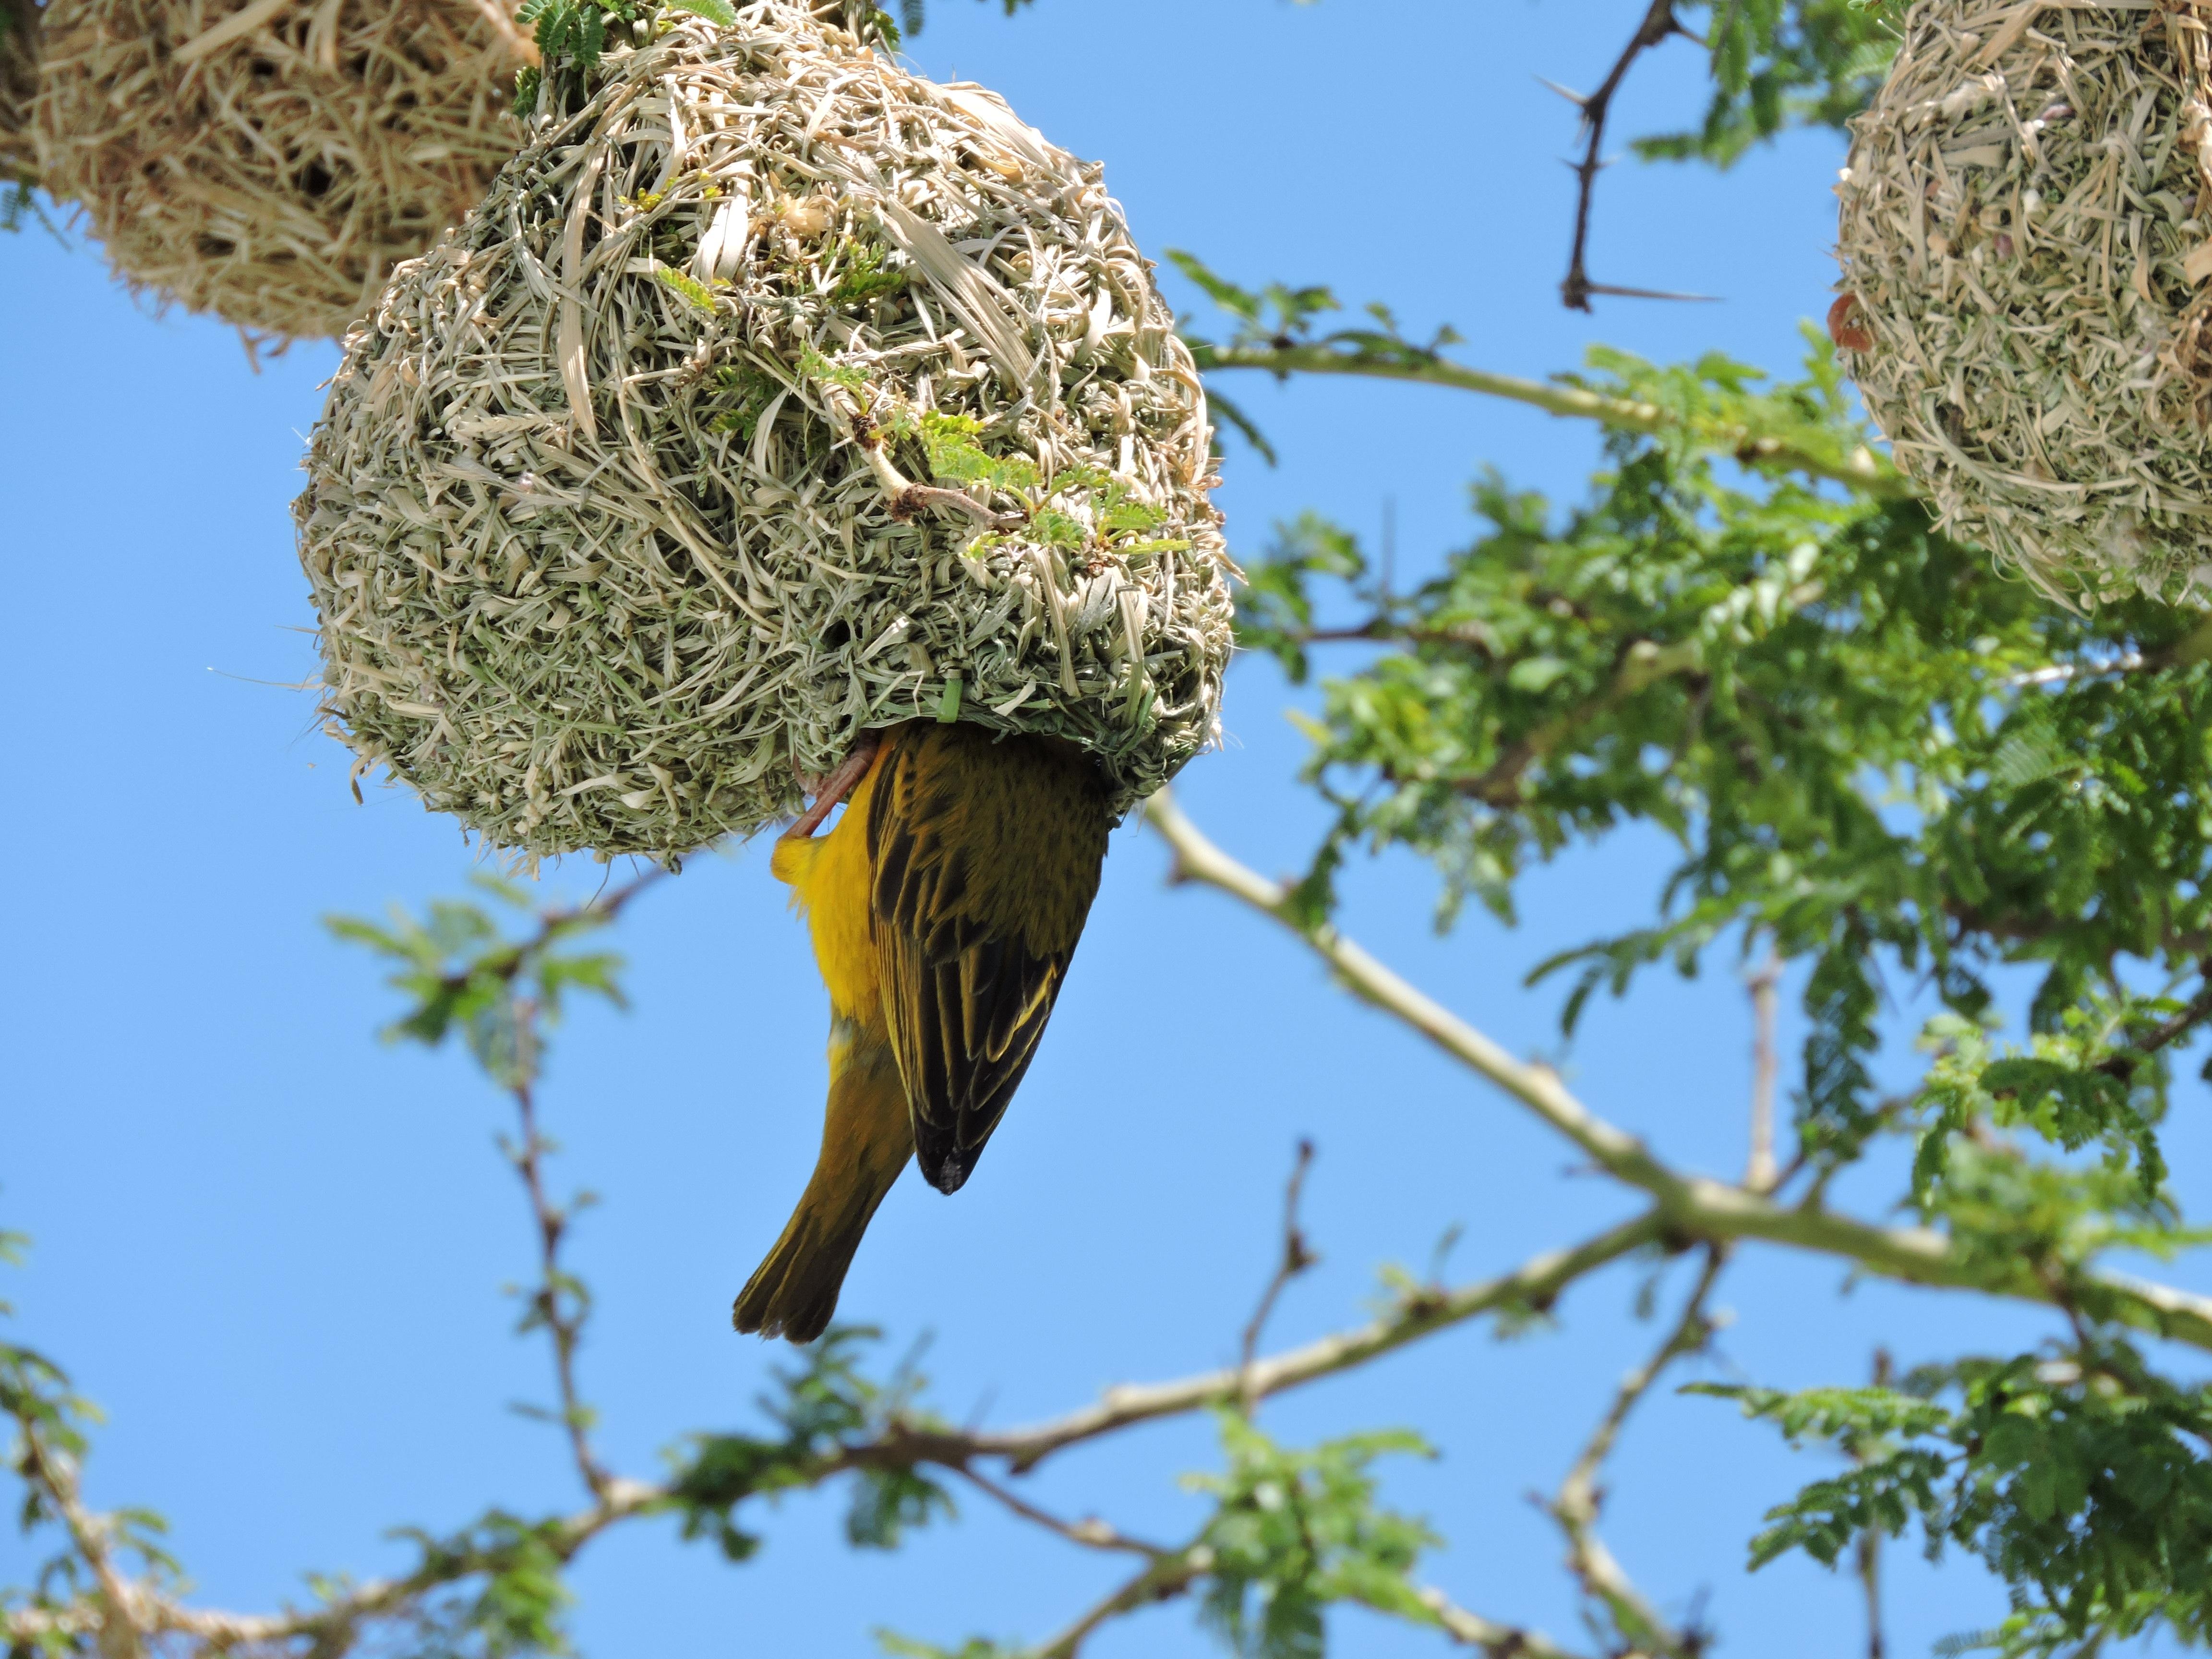 Gratis afbeeldingen : boom natuur gras buitenshuis tak vogel